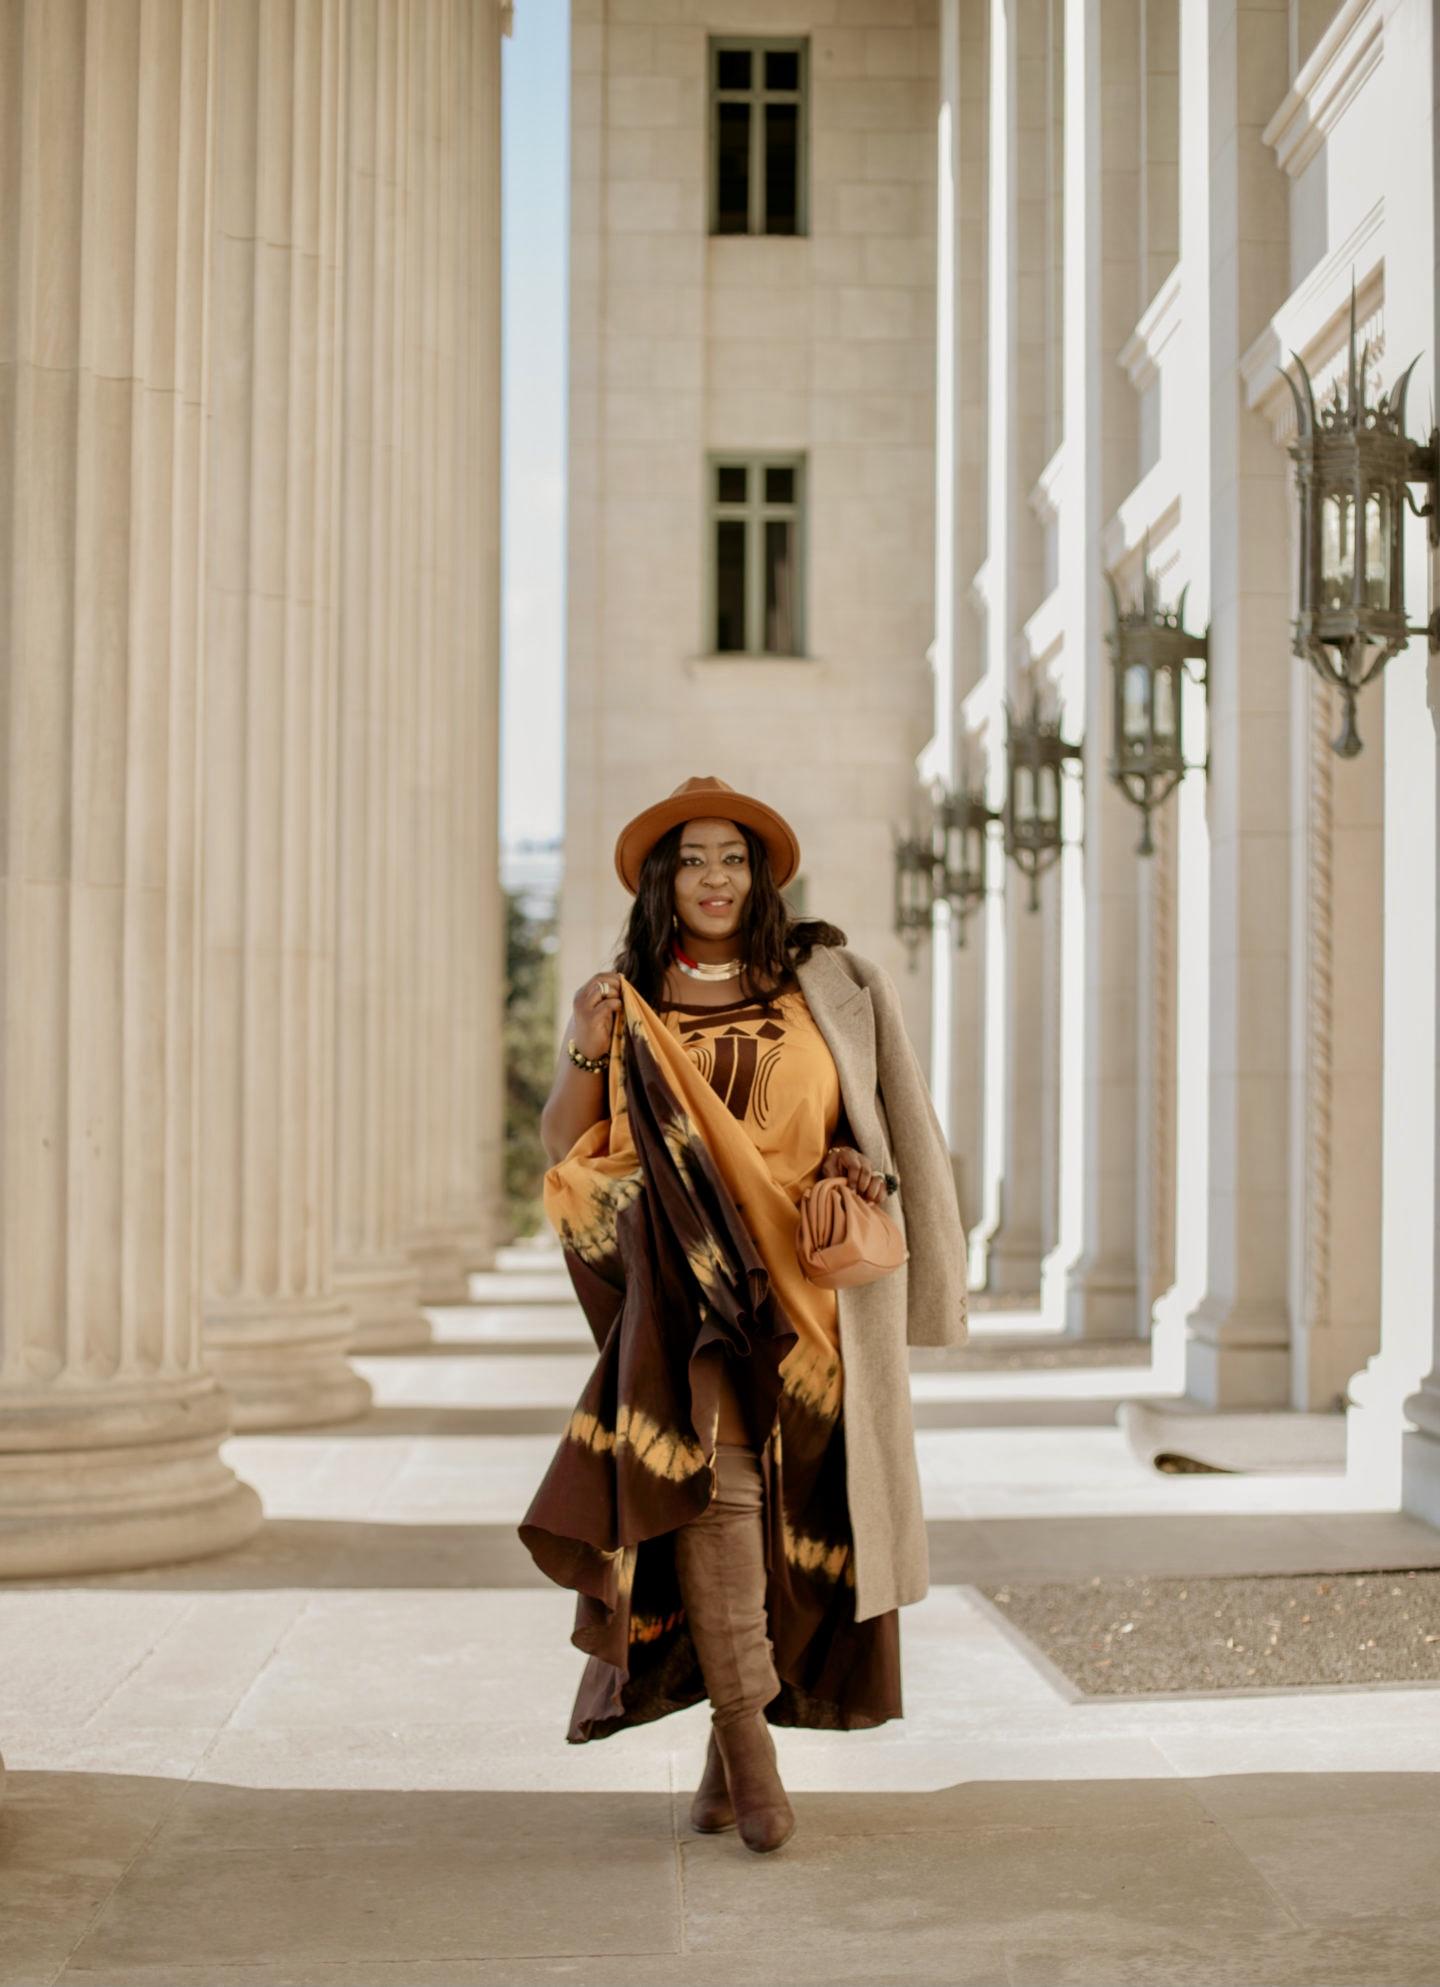 beautiful-ethnic-maxi-dress-beige-coat-fedora-hat-nadiaka